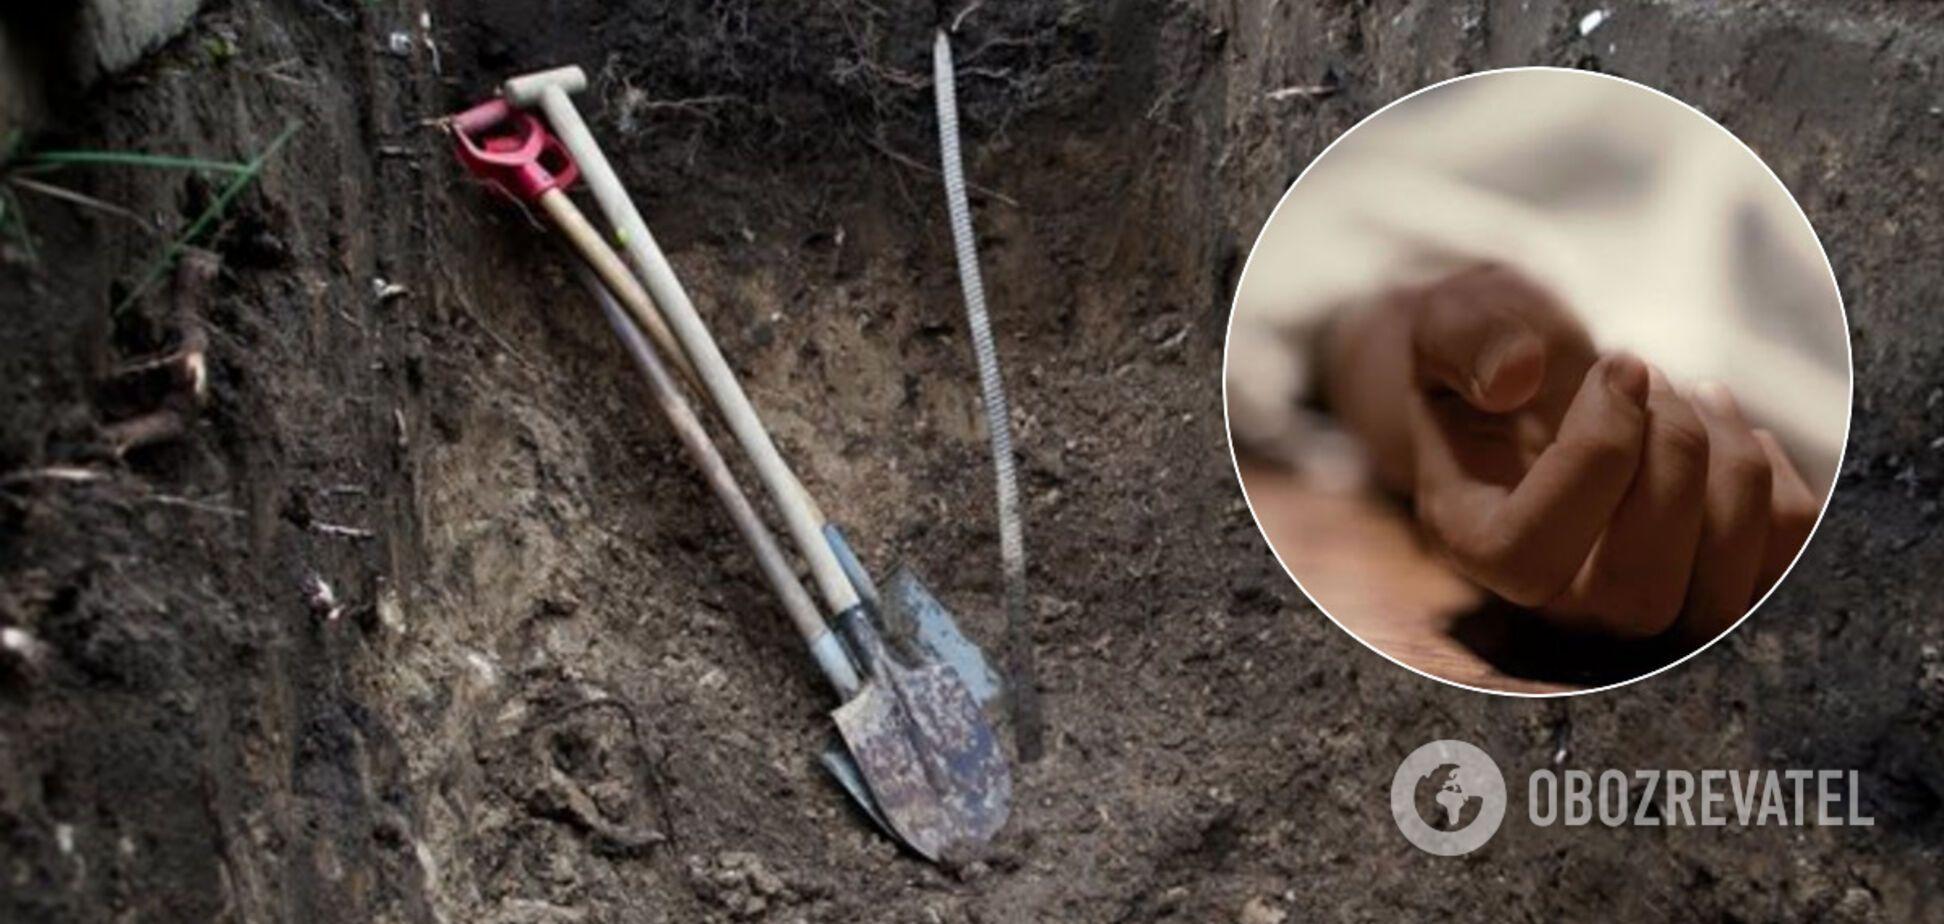 Помер під землею: на Дніпропетровщині сталася жахлива НП. Фото 18+